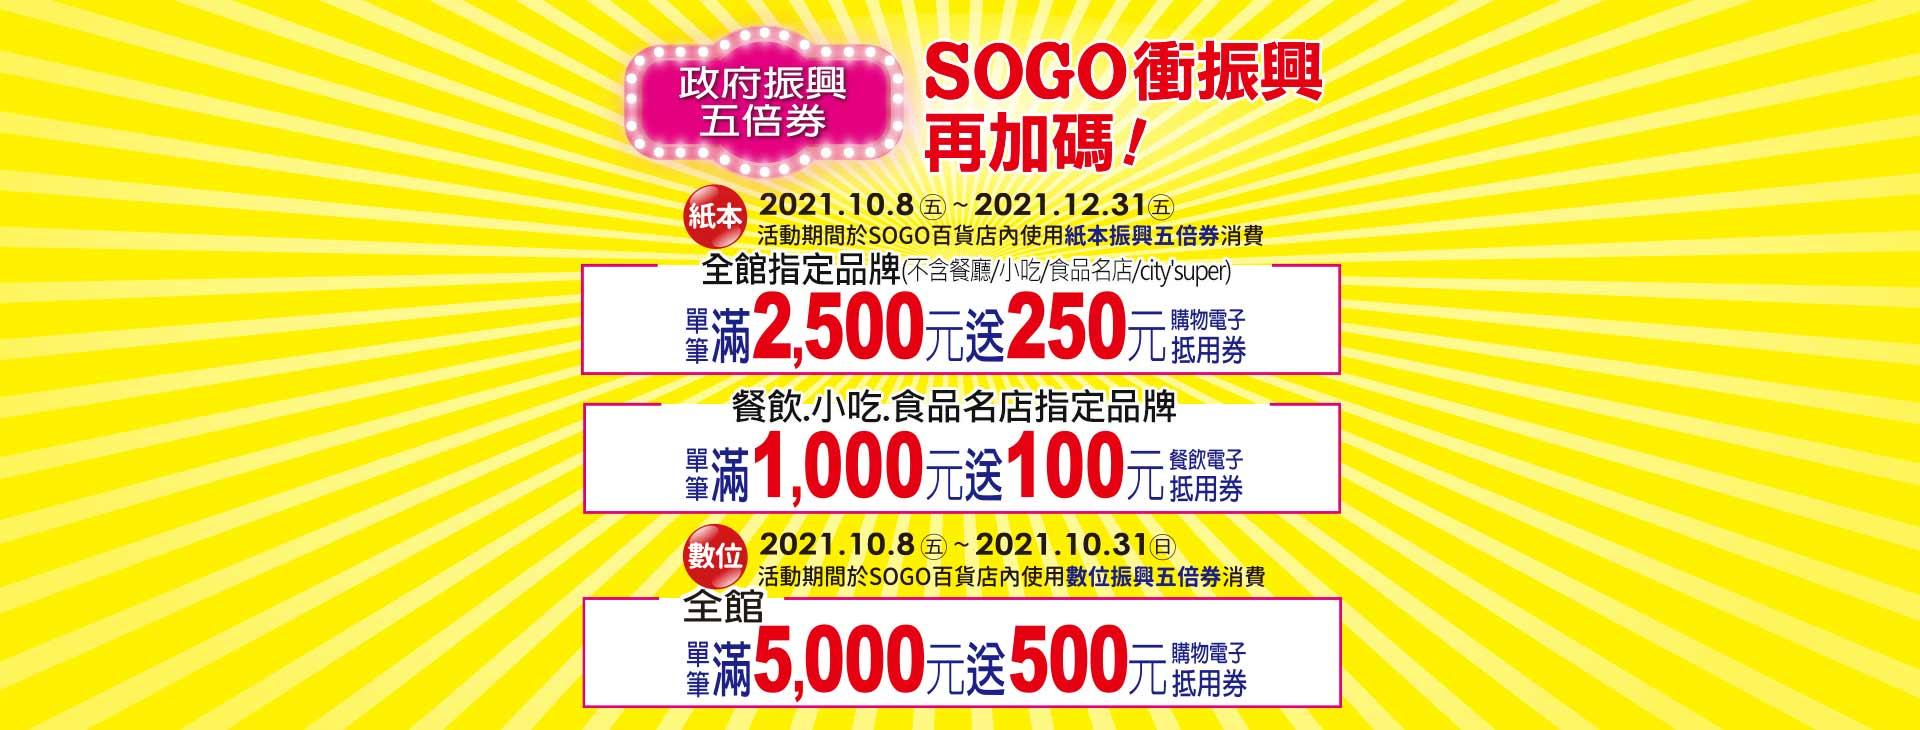 政府振興五倍券 SOGO衝振興再加碼(含數位)